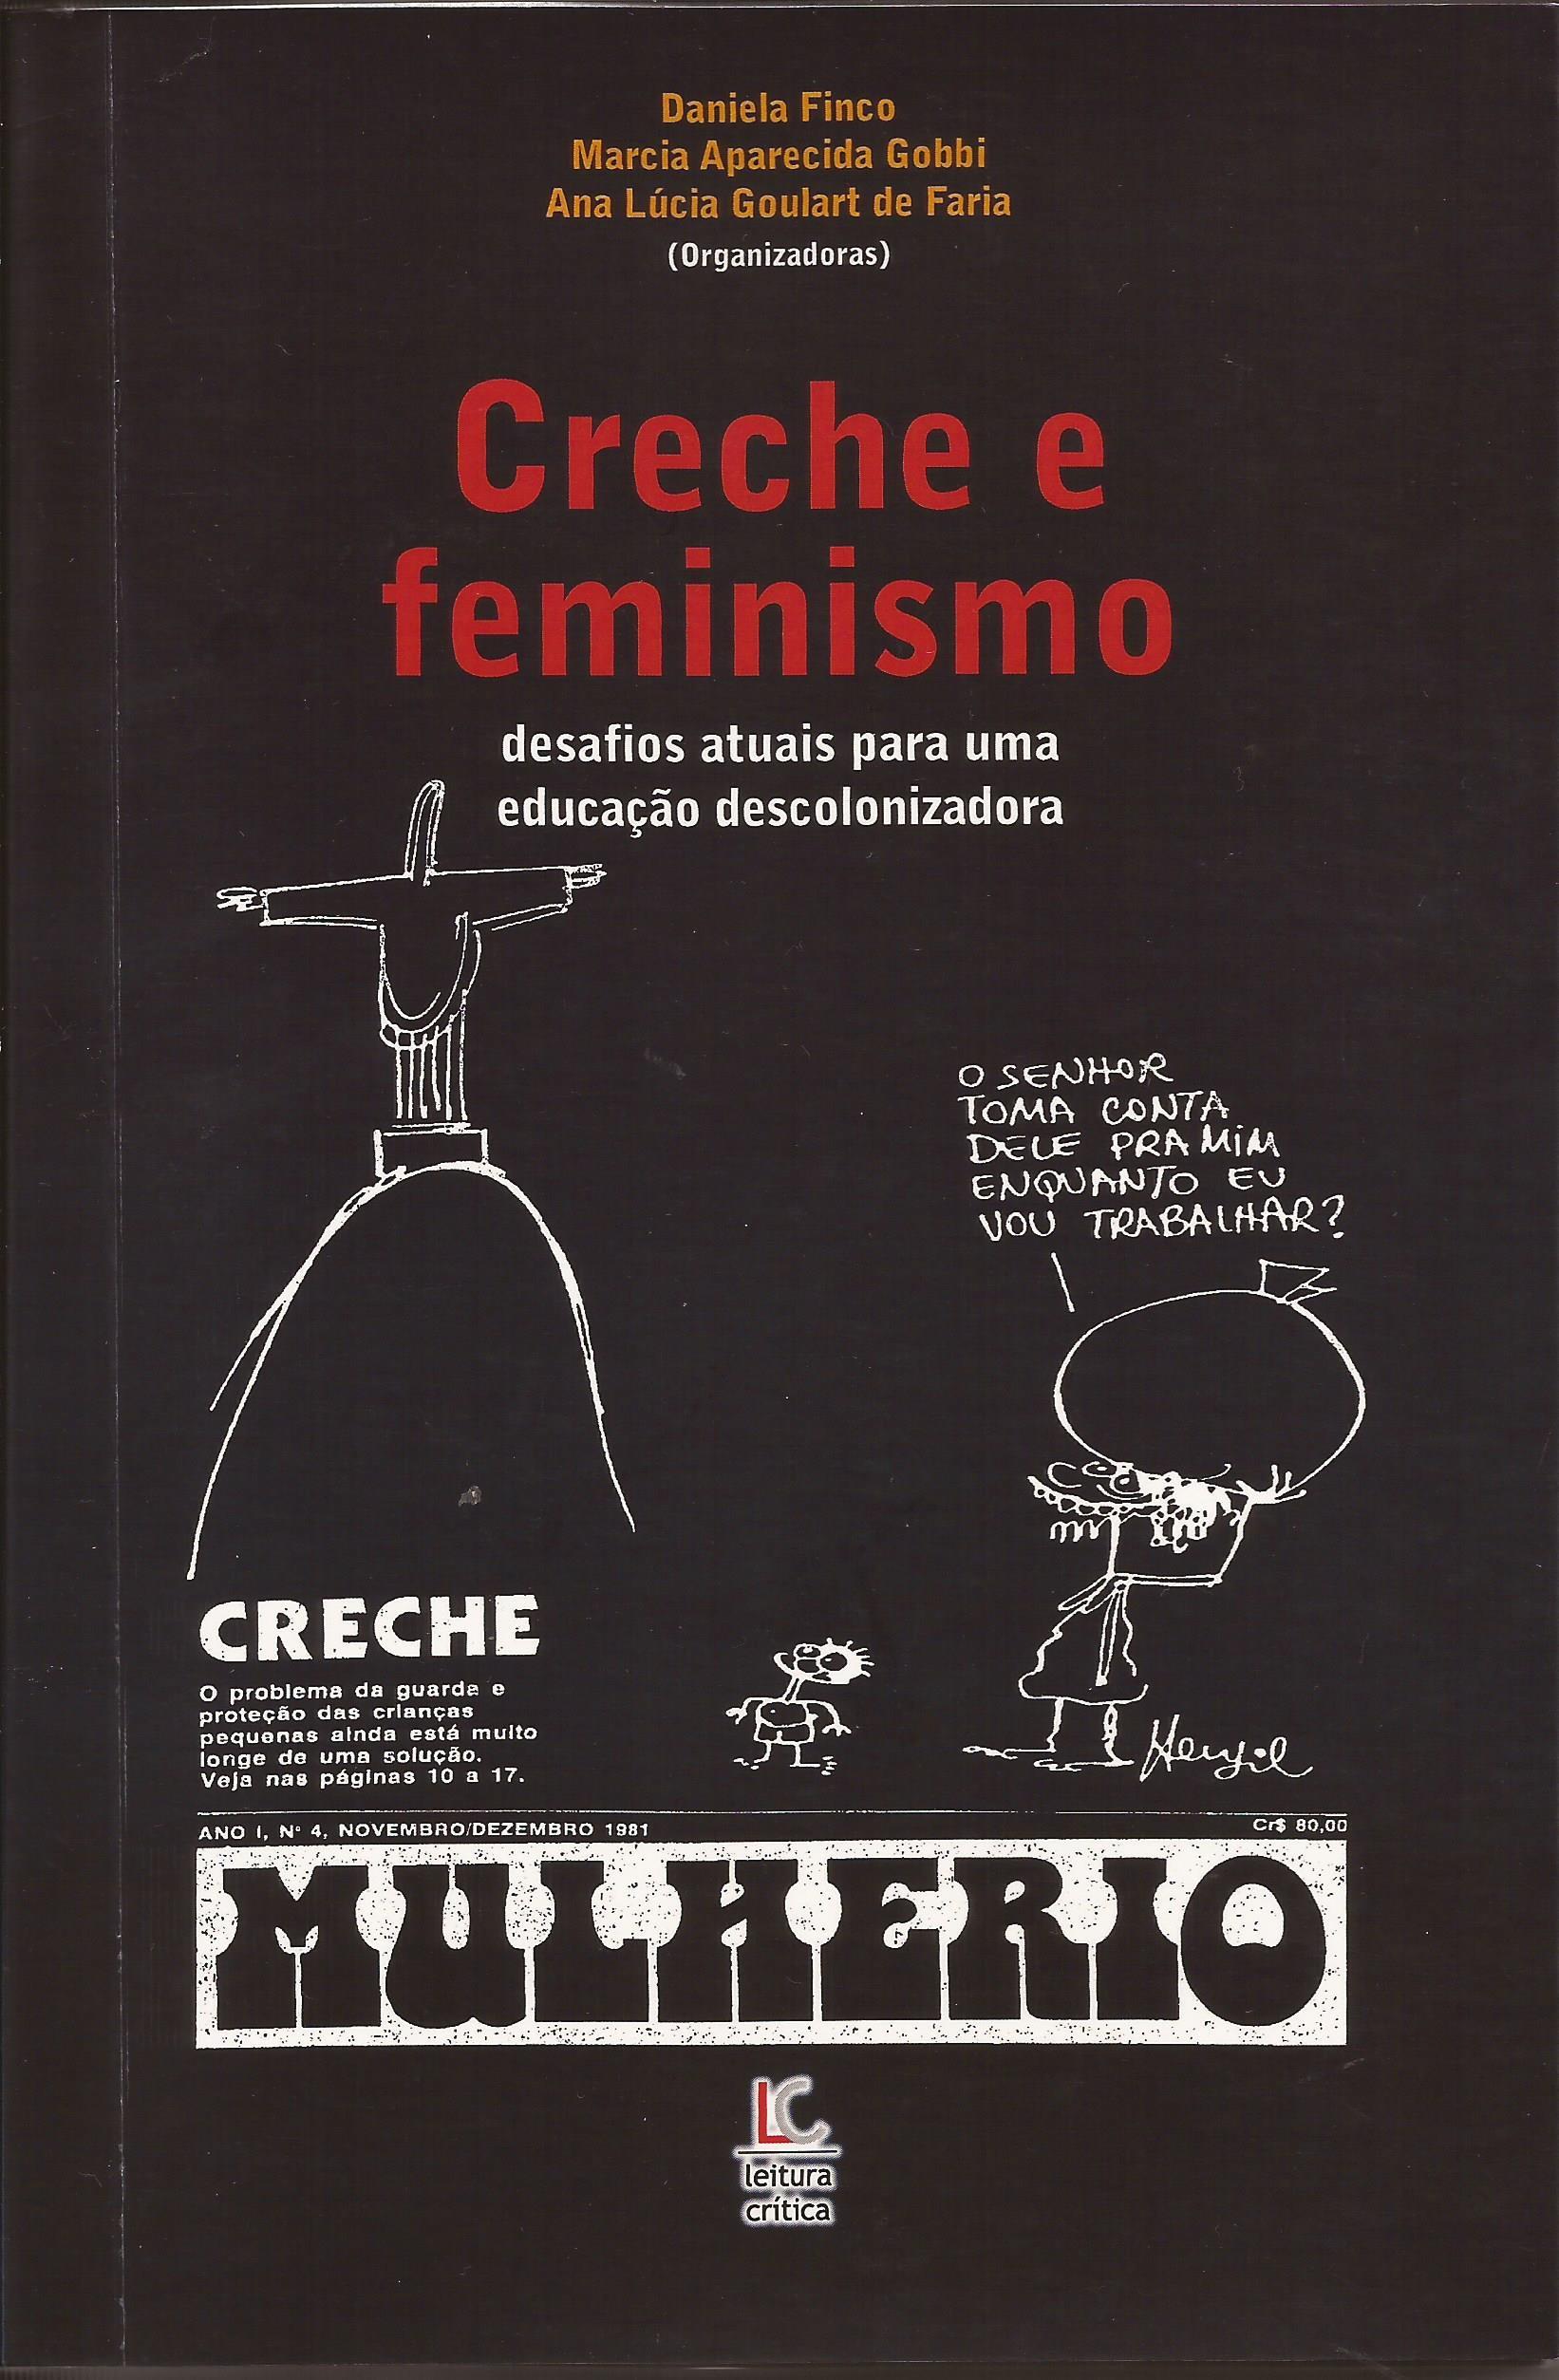 Creche e feminismo – desafios atuais para um educação descolonizadora.